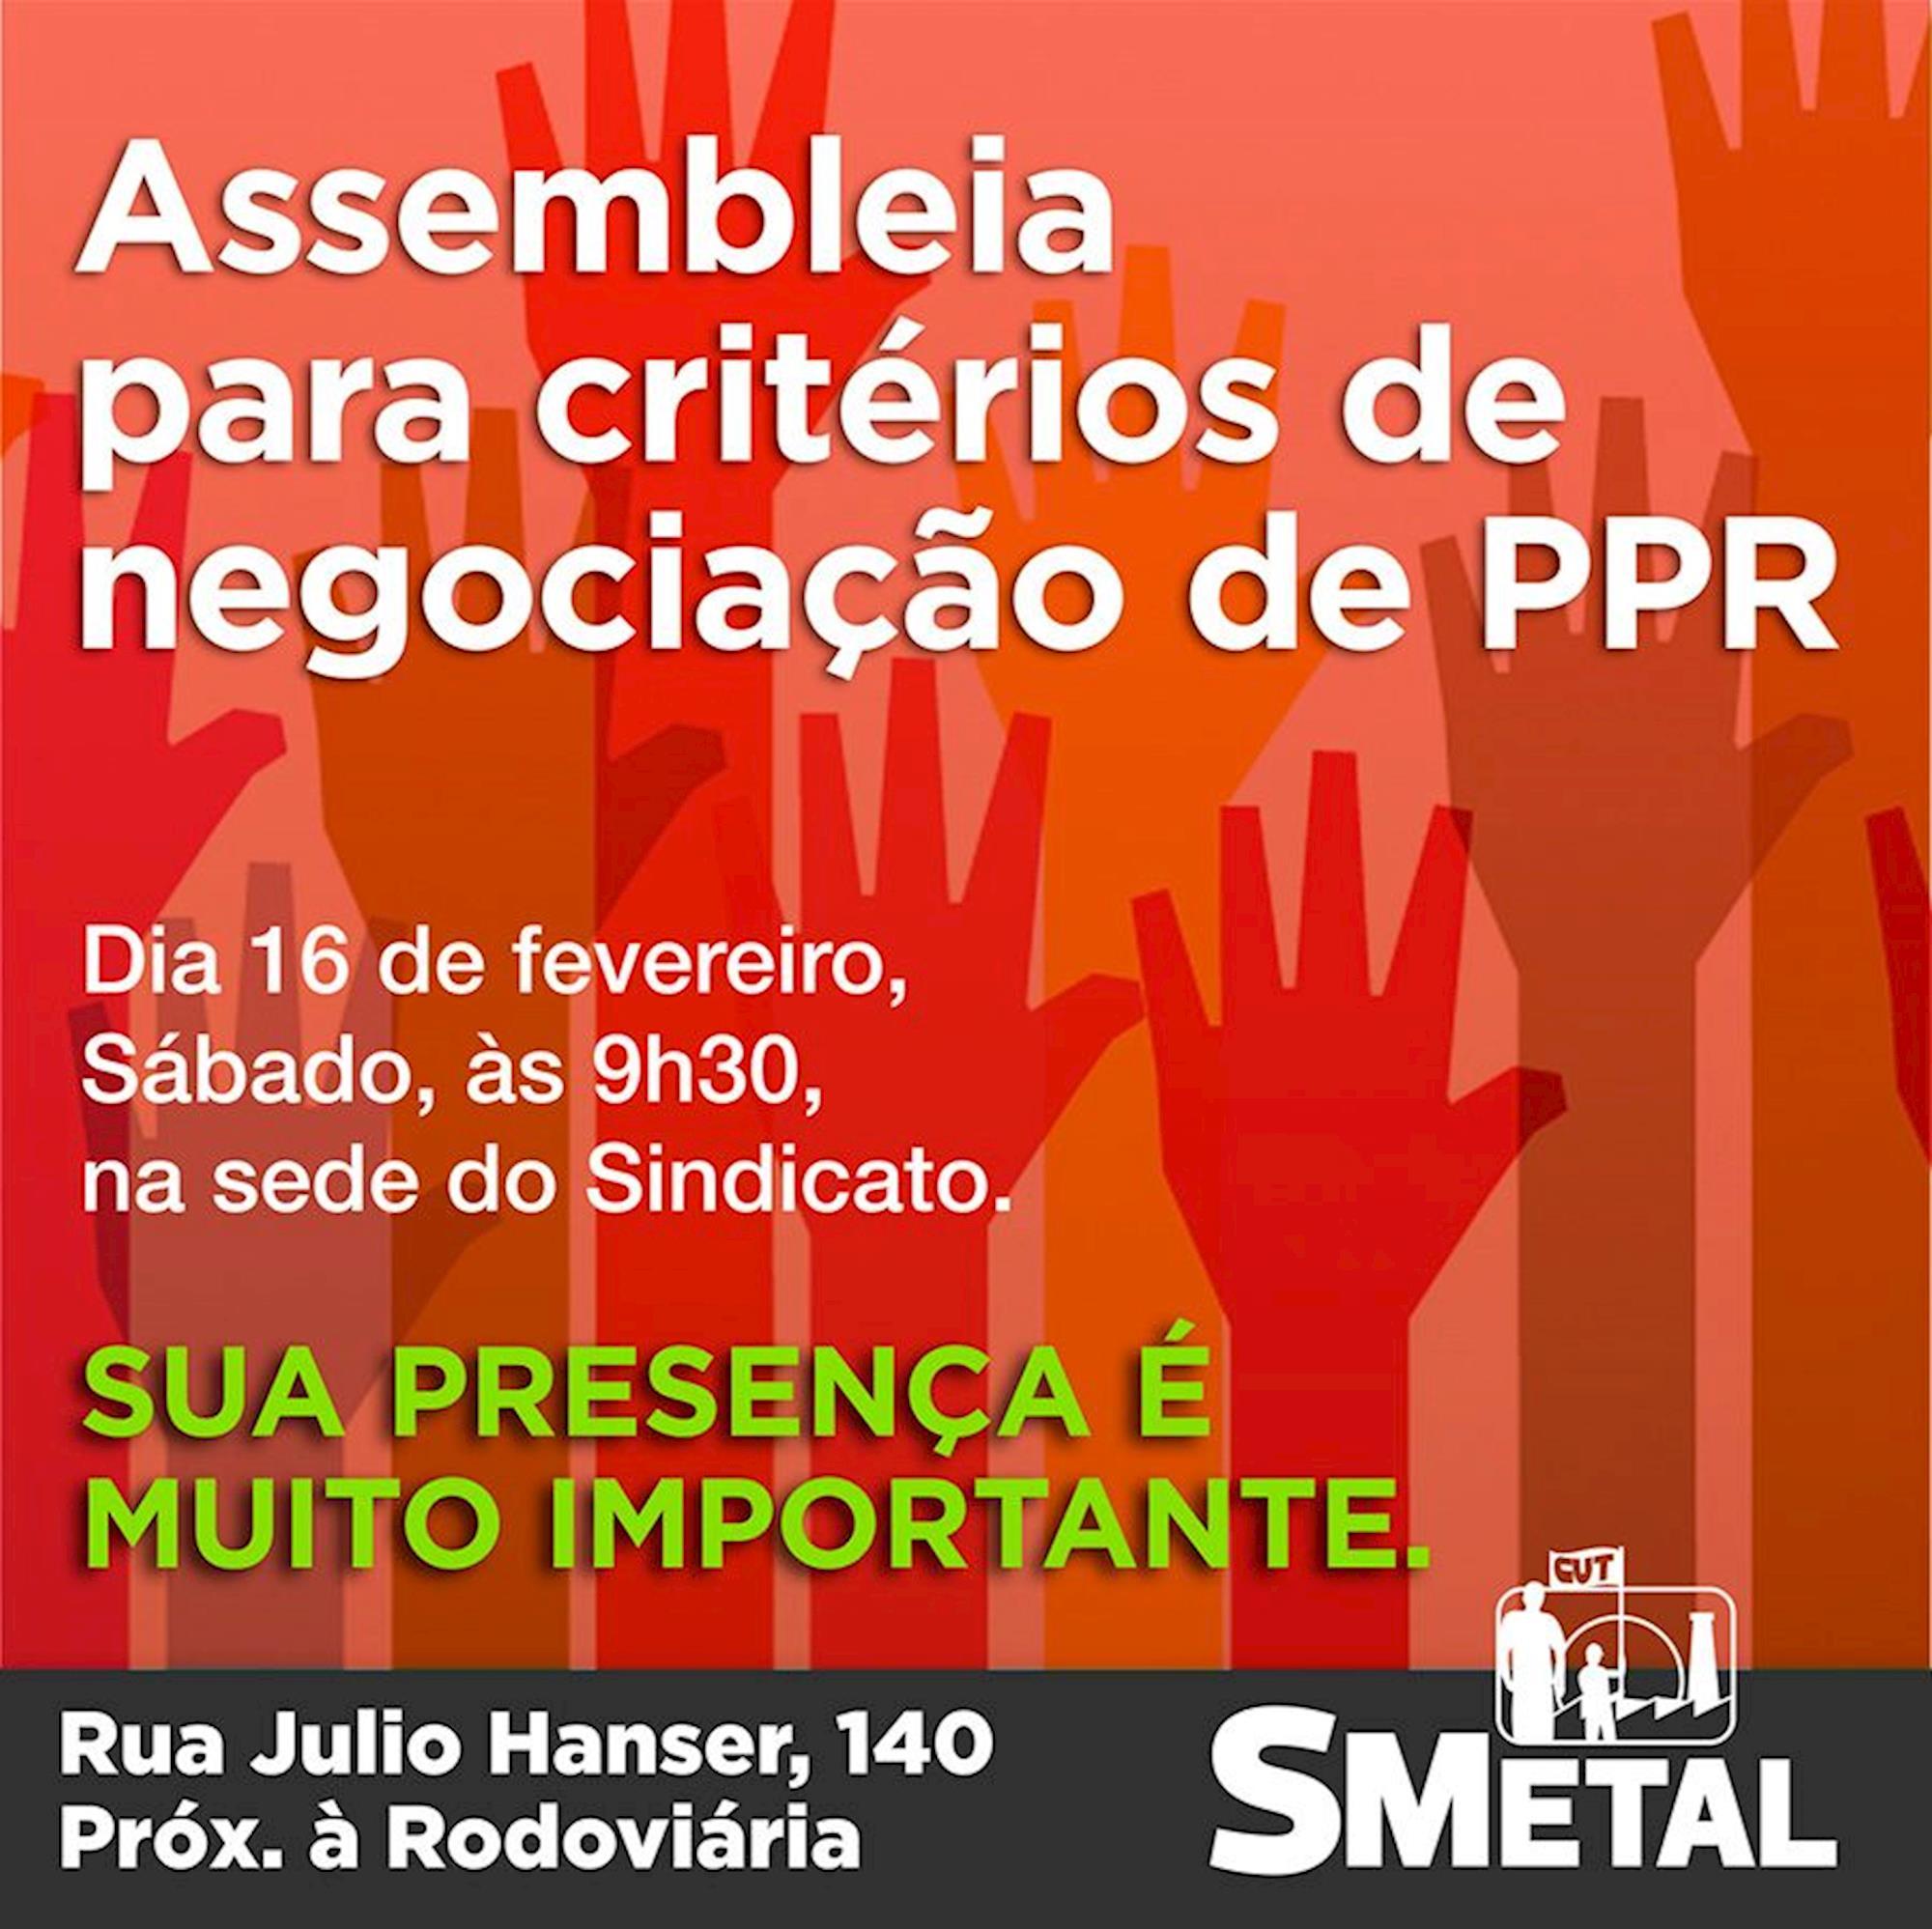 ppr, assembleia, sorocaba, , Arte: Cassio Freire